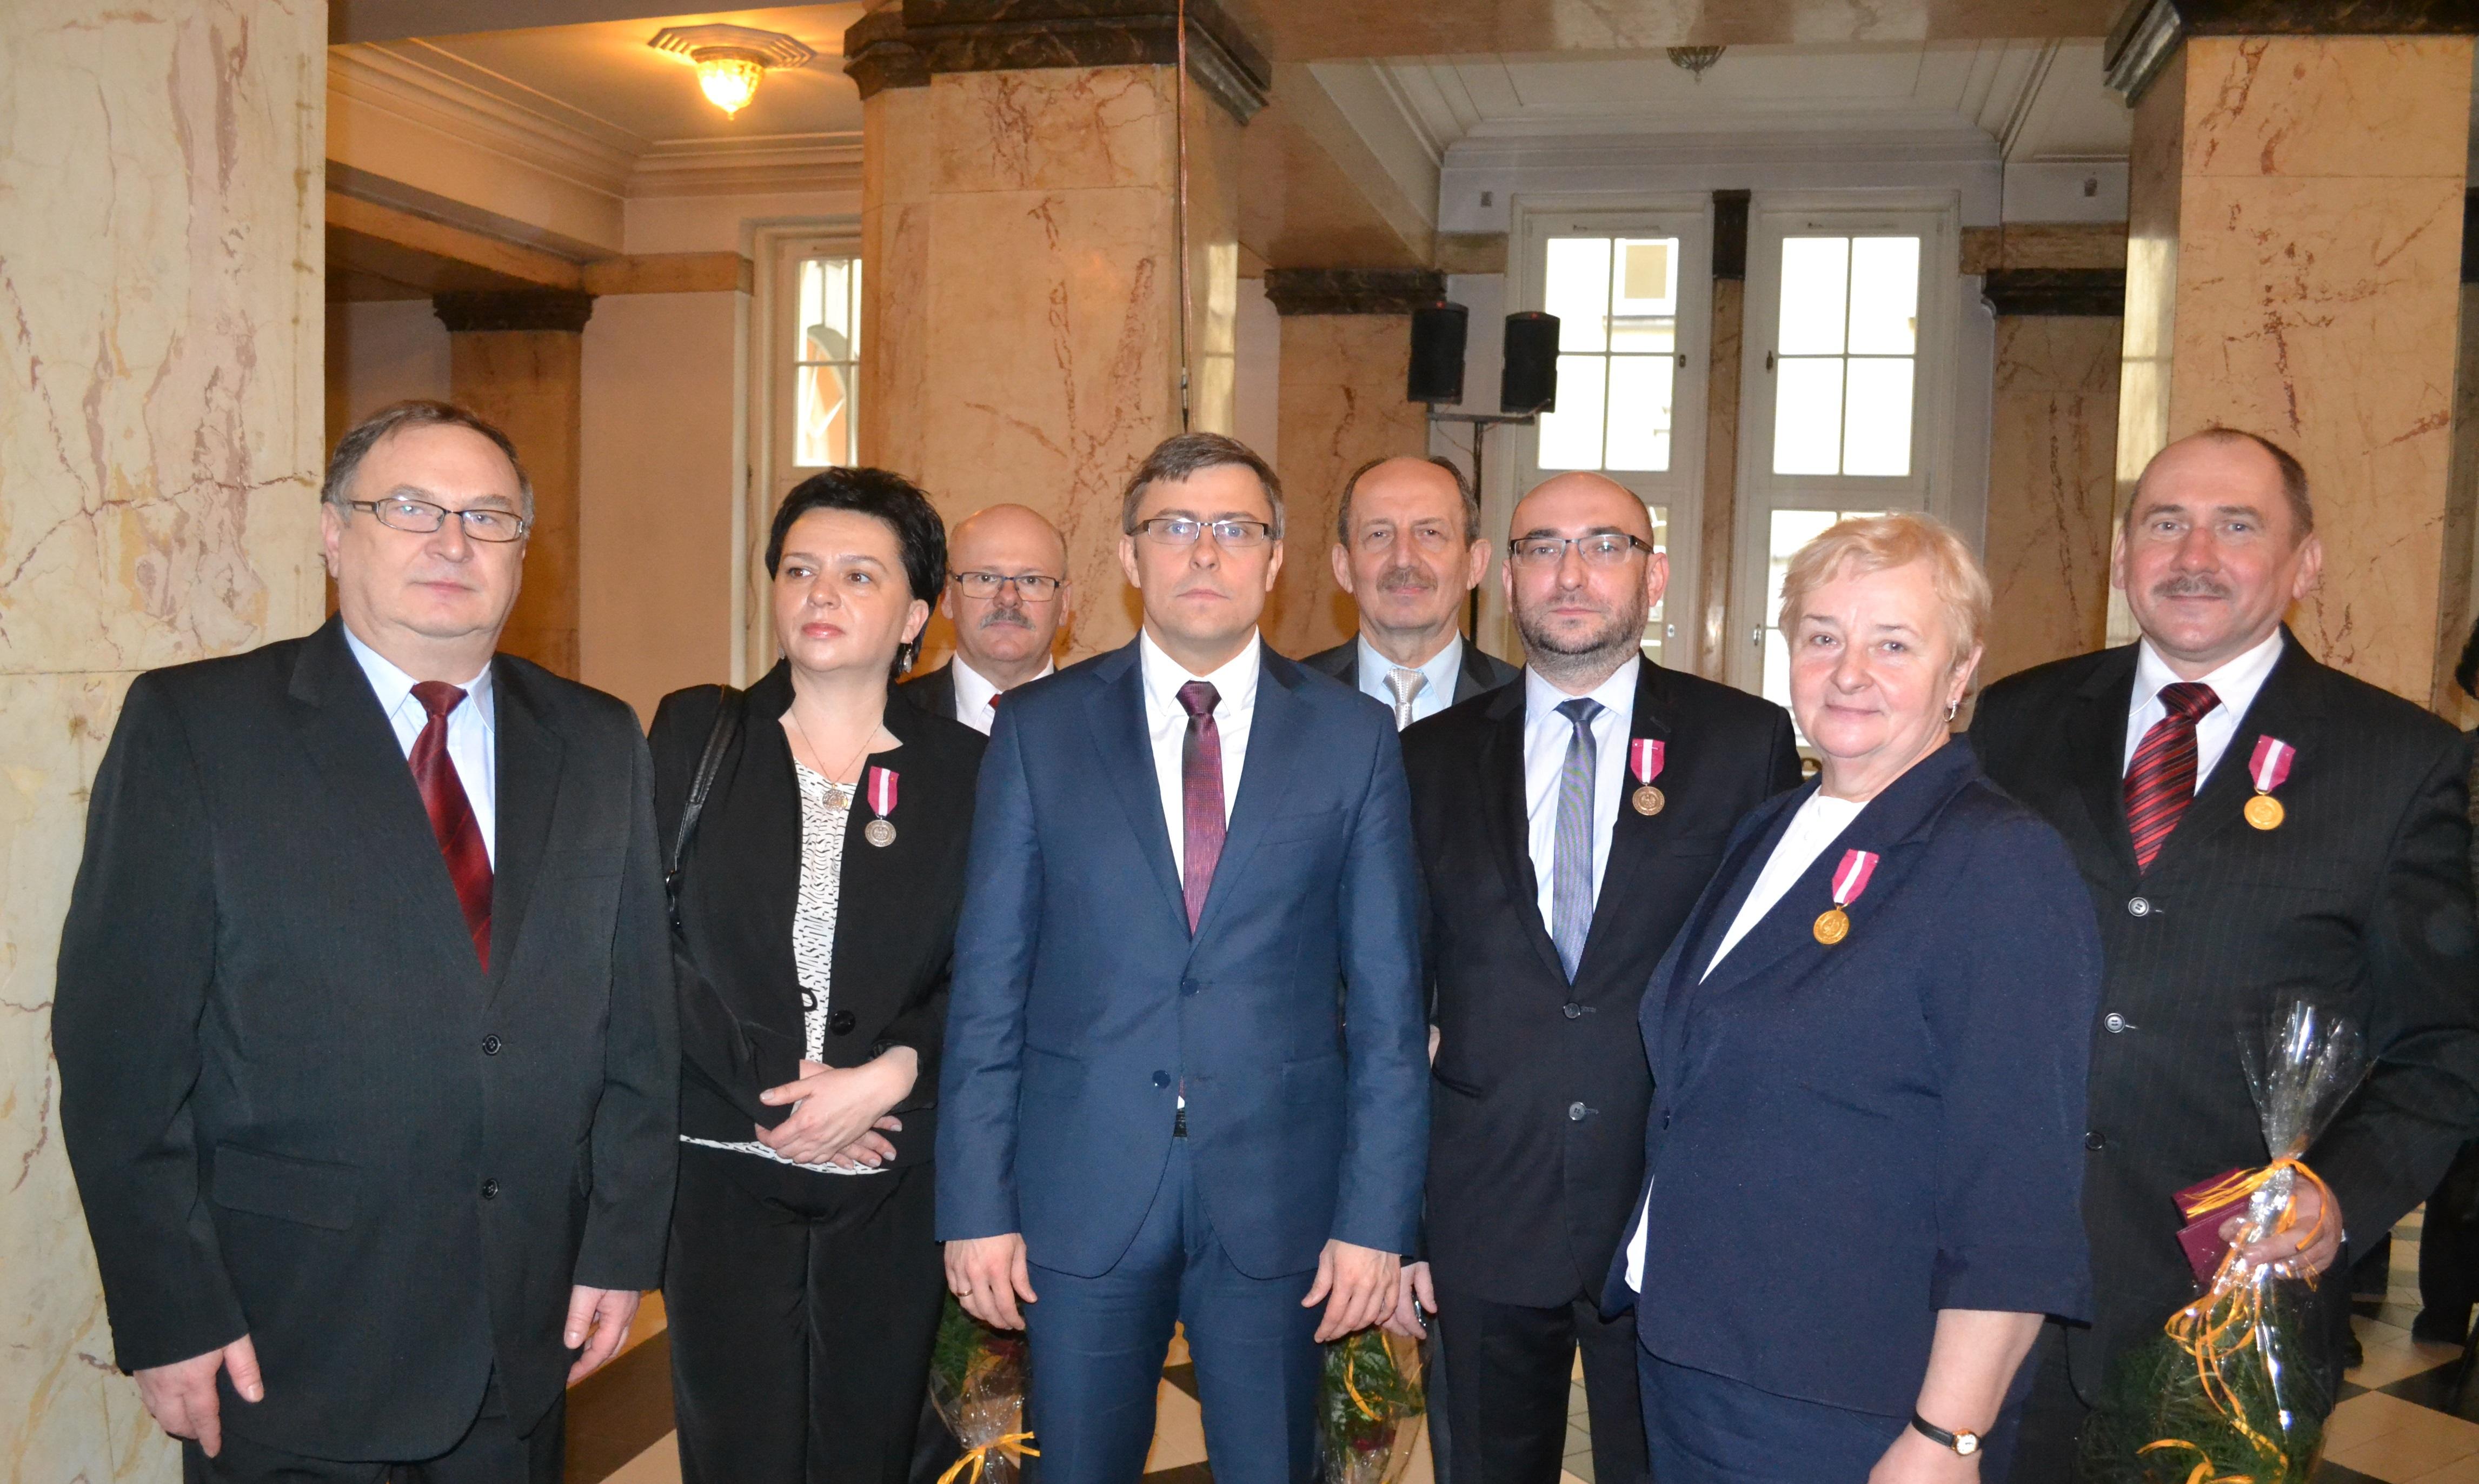 Wojewoda śląski Jarosław Wieczorek, prezes Janusz Dulik i odznaczeni pracownicy